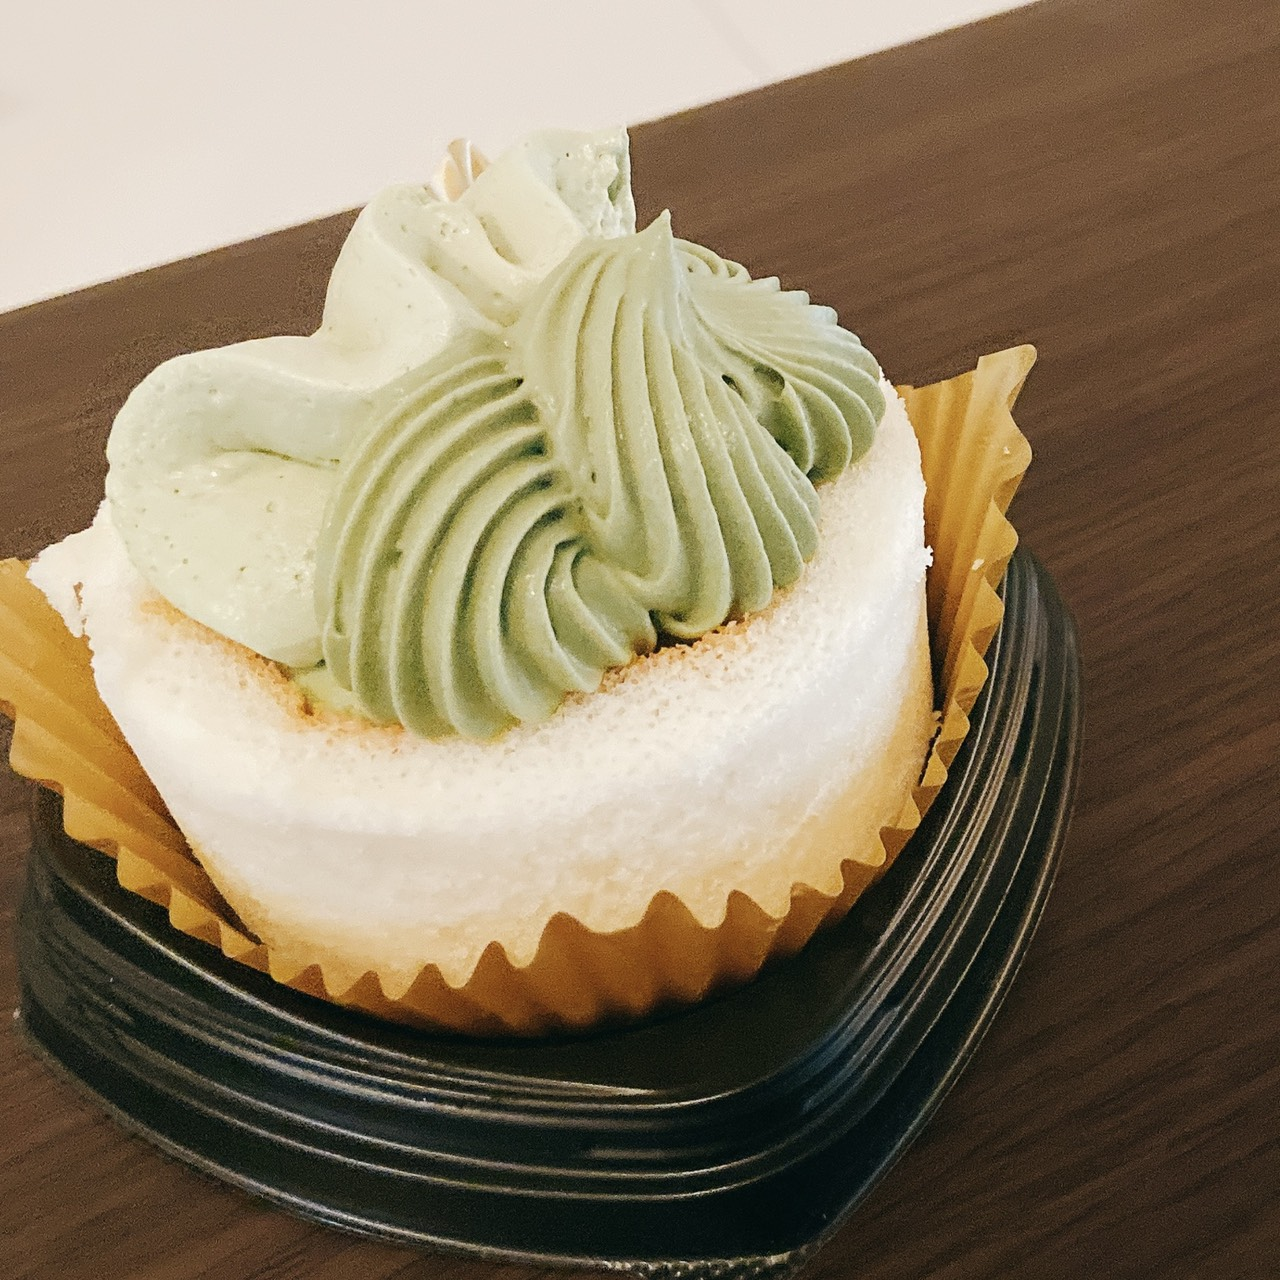 【新発売】ほぼ抹茶クリーム!?毎月6日はロールケーキの日!【食レポ】_1